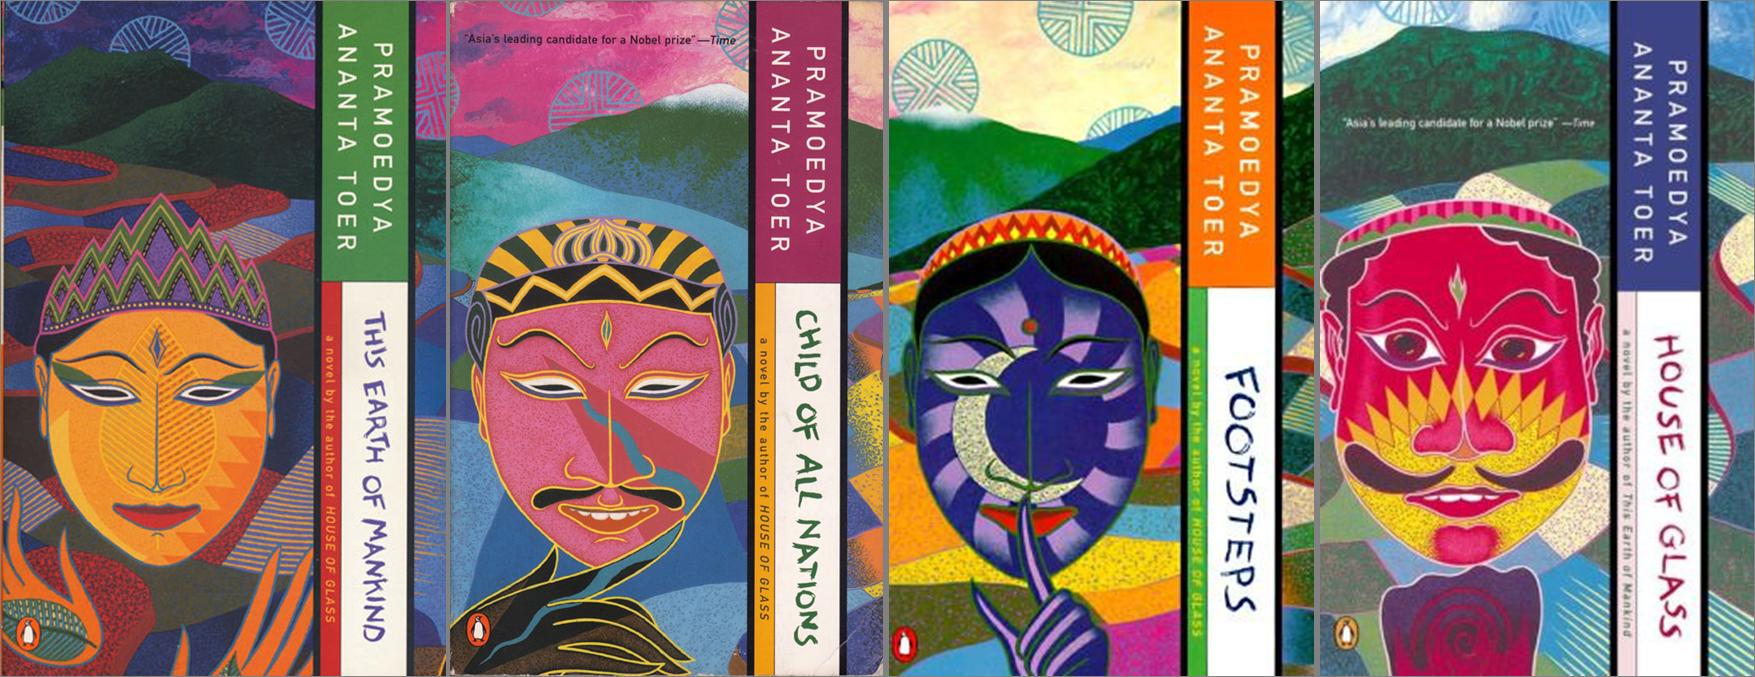 the-buru-quartet-penguin-books